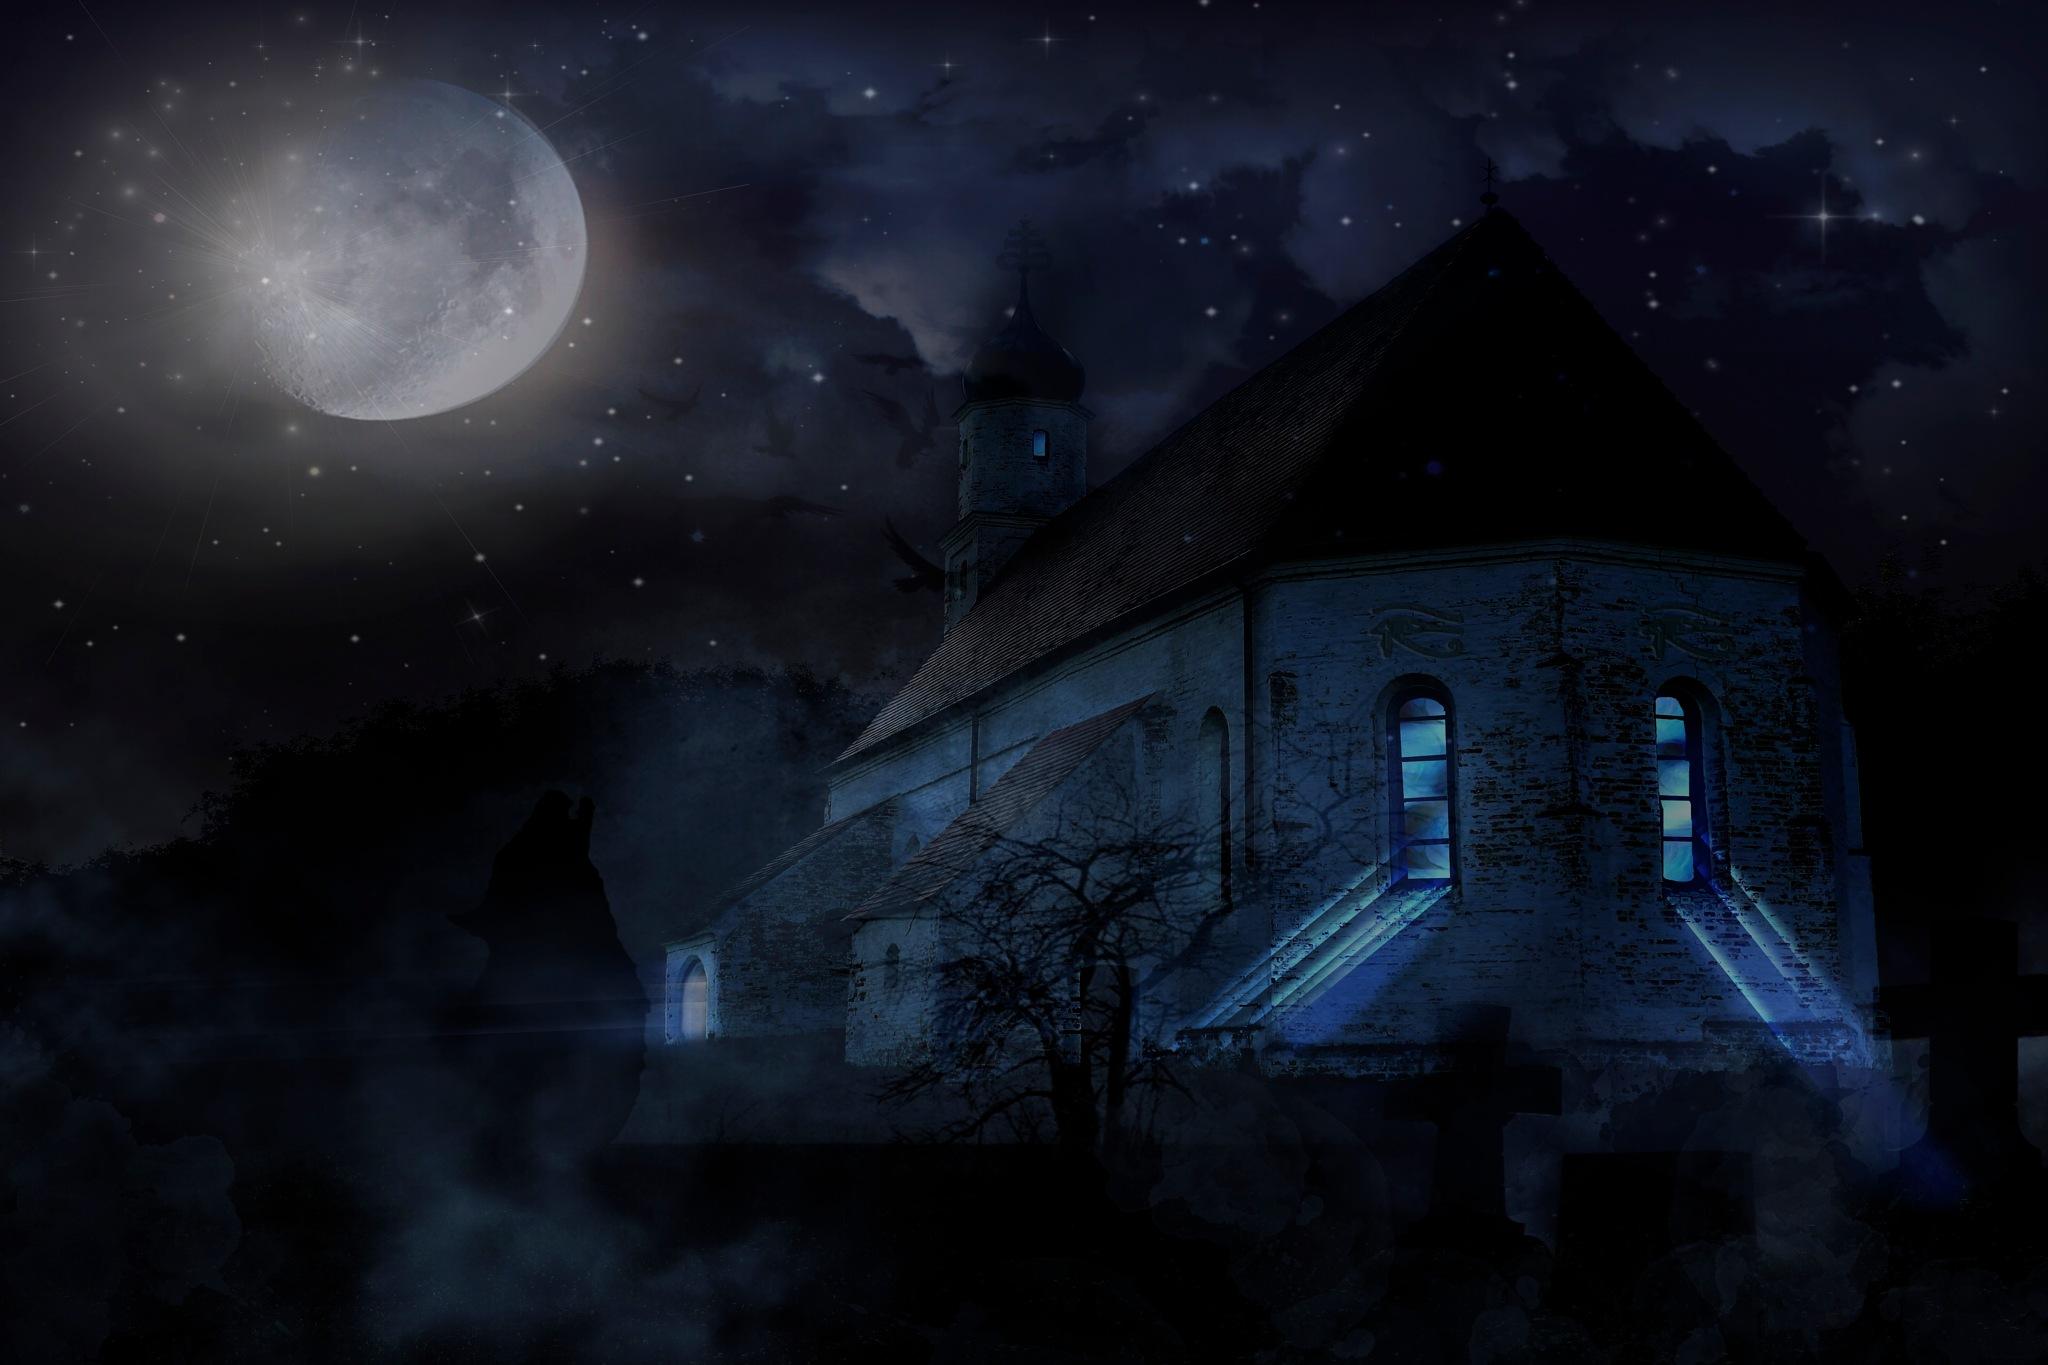 Dark Night by Brigitte Werner